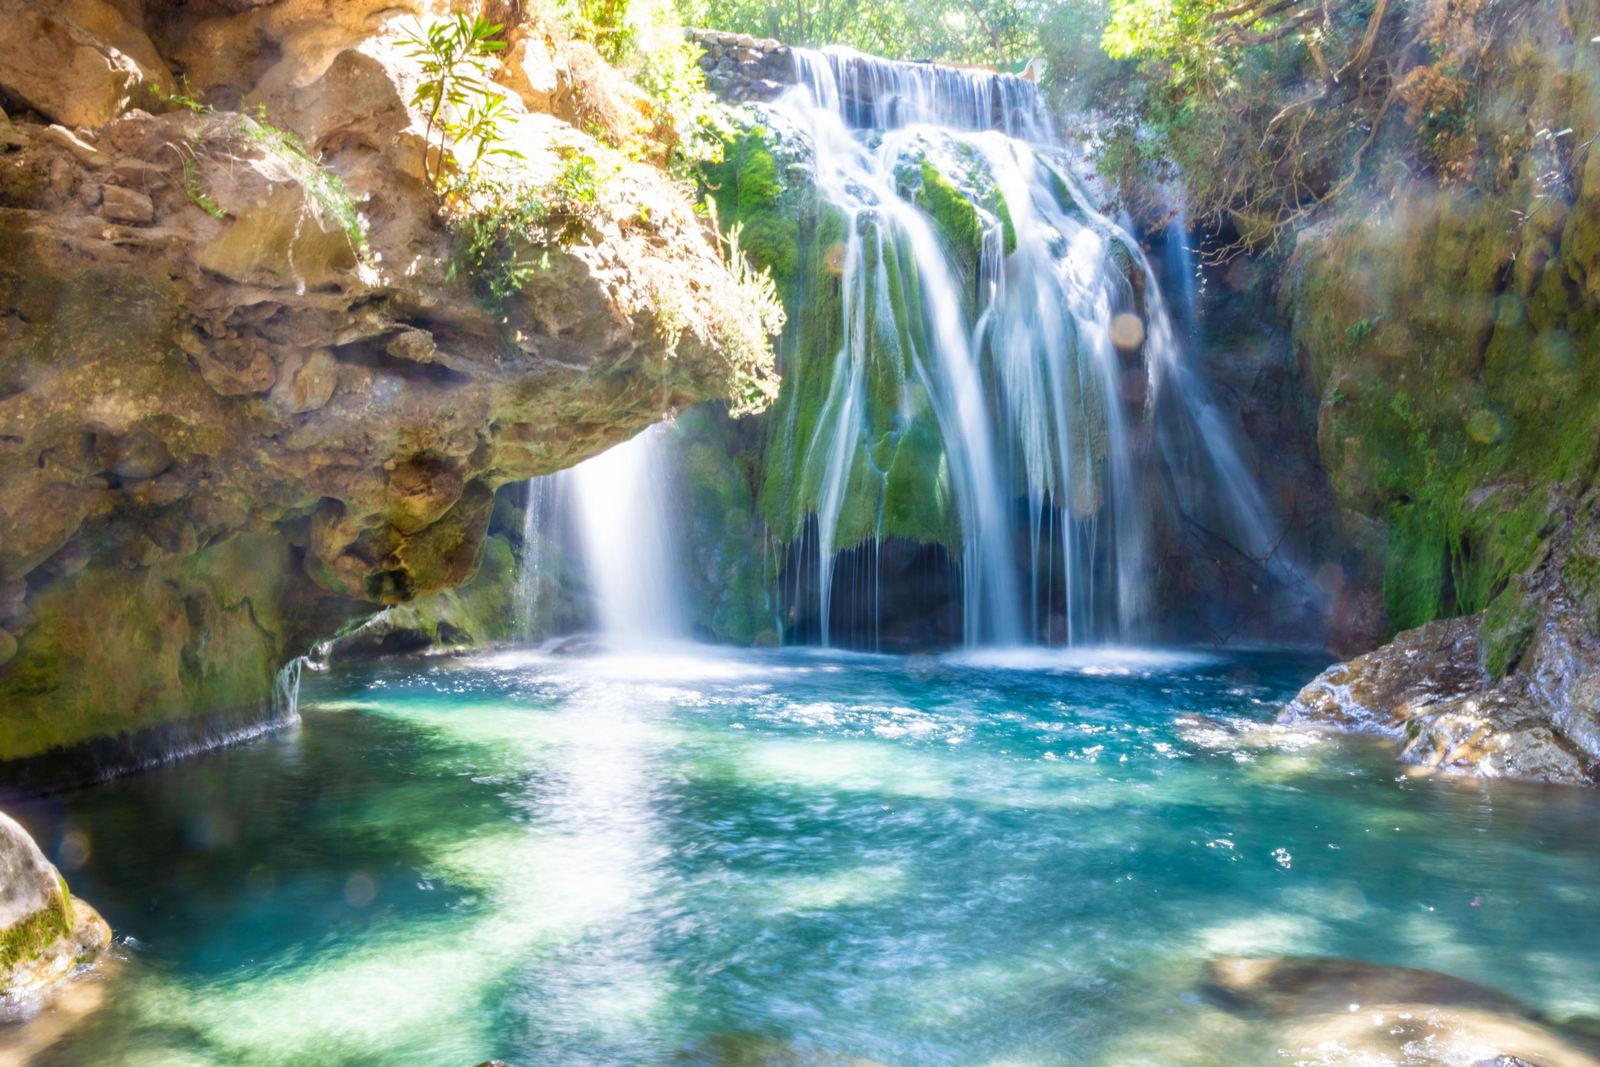 wodospady Akchour, Park Narodowy Talassemtane, Maroko